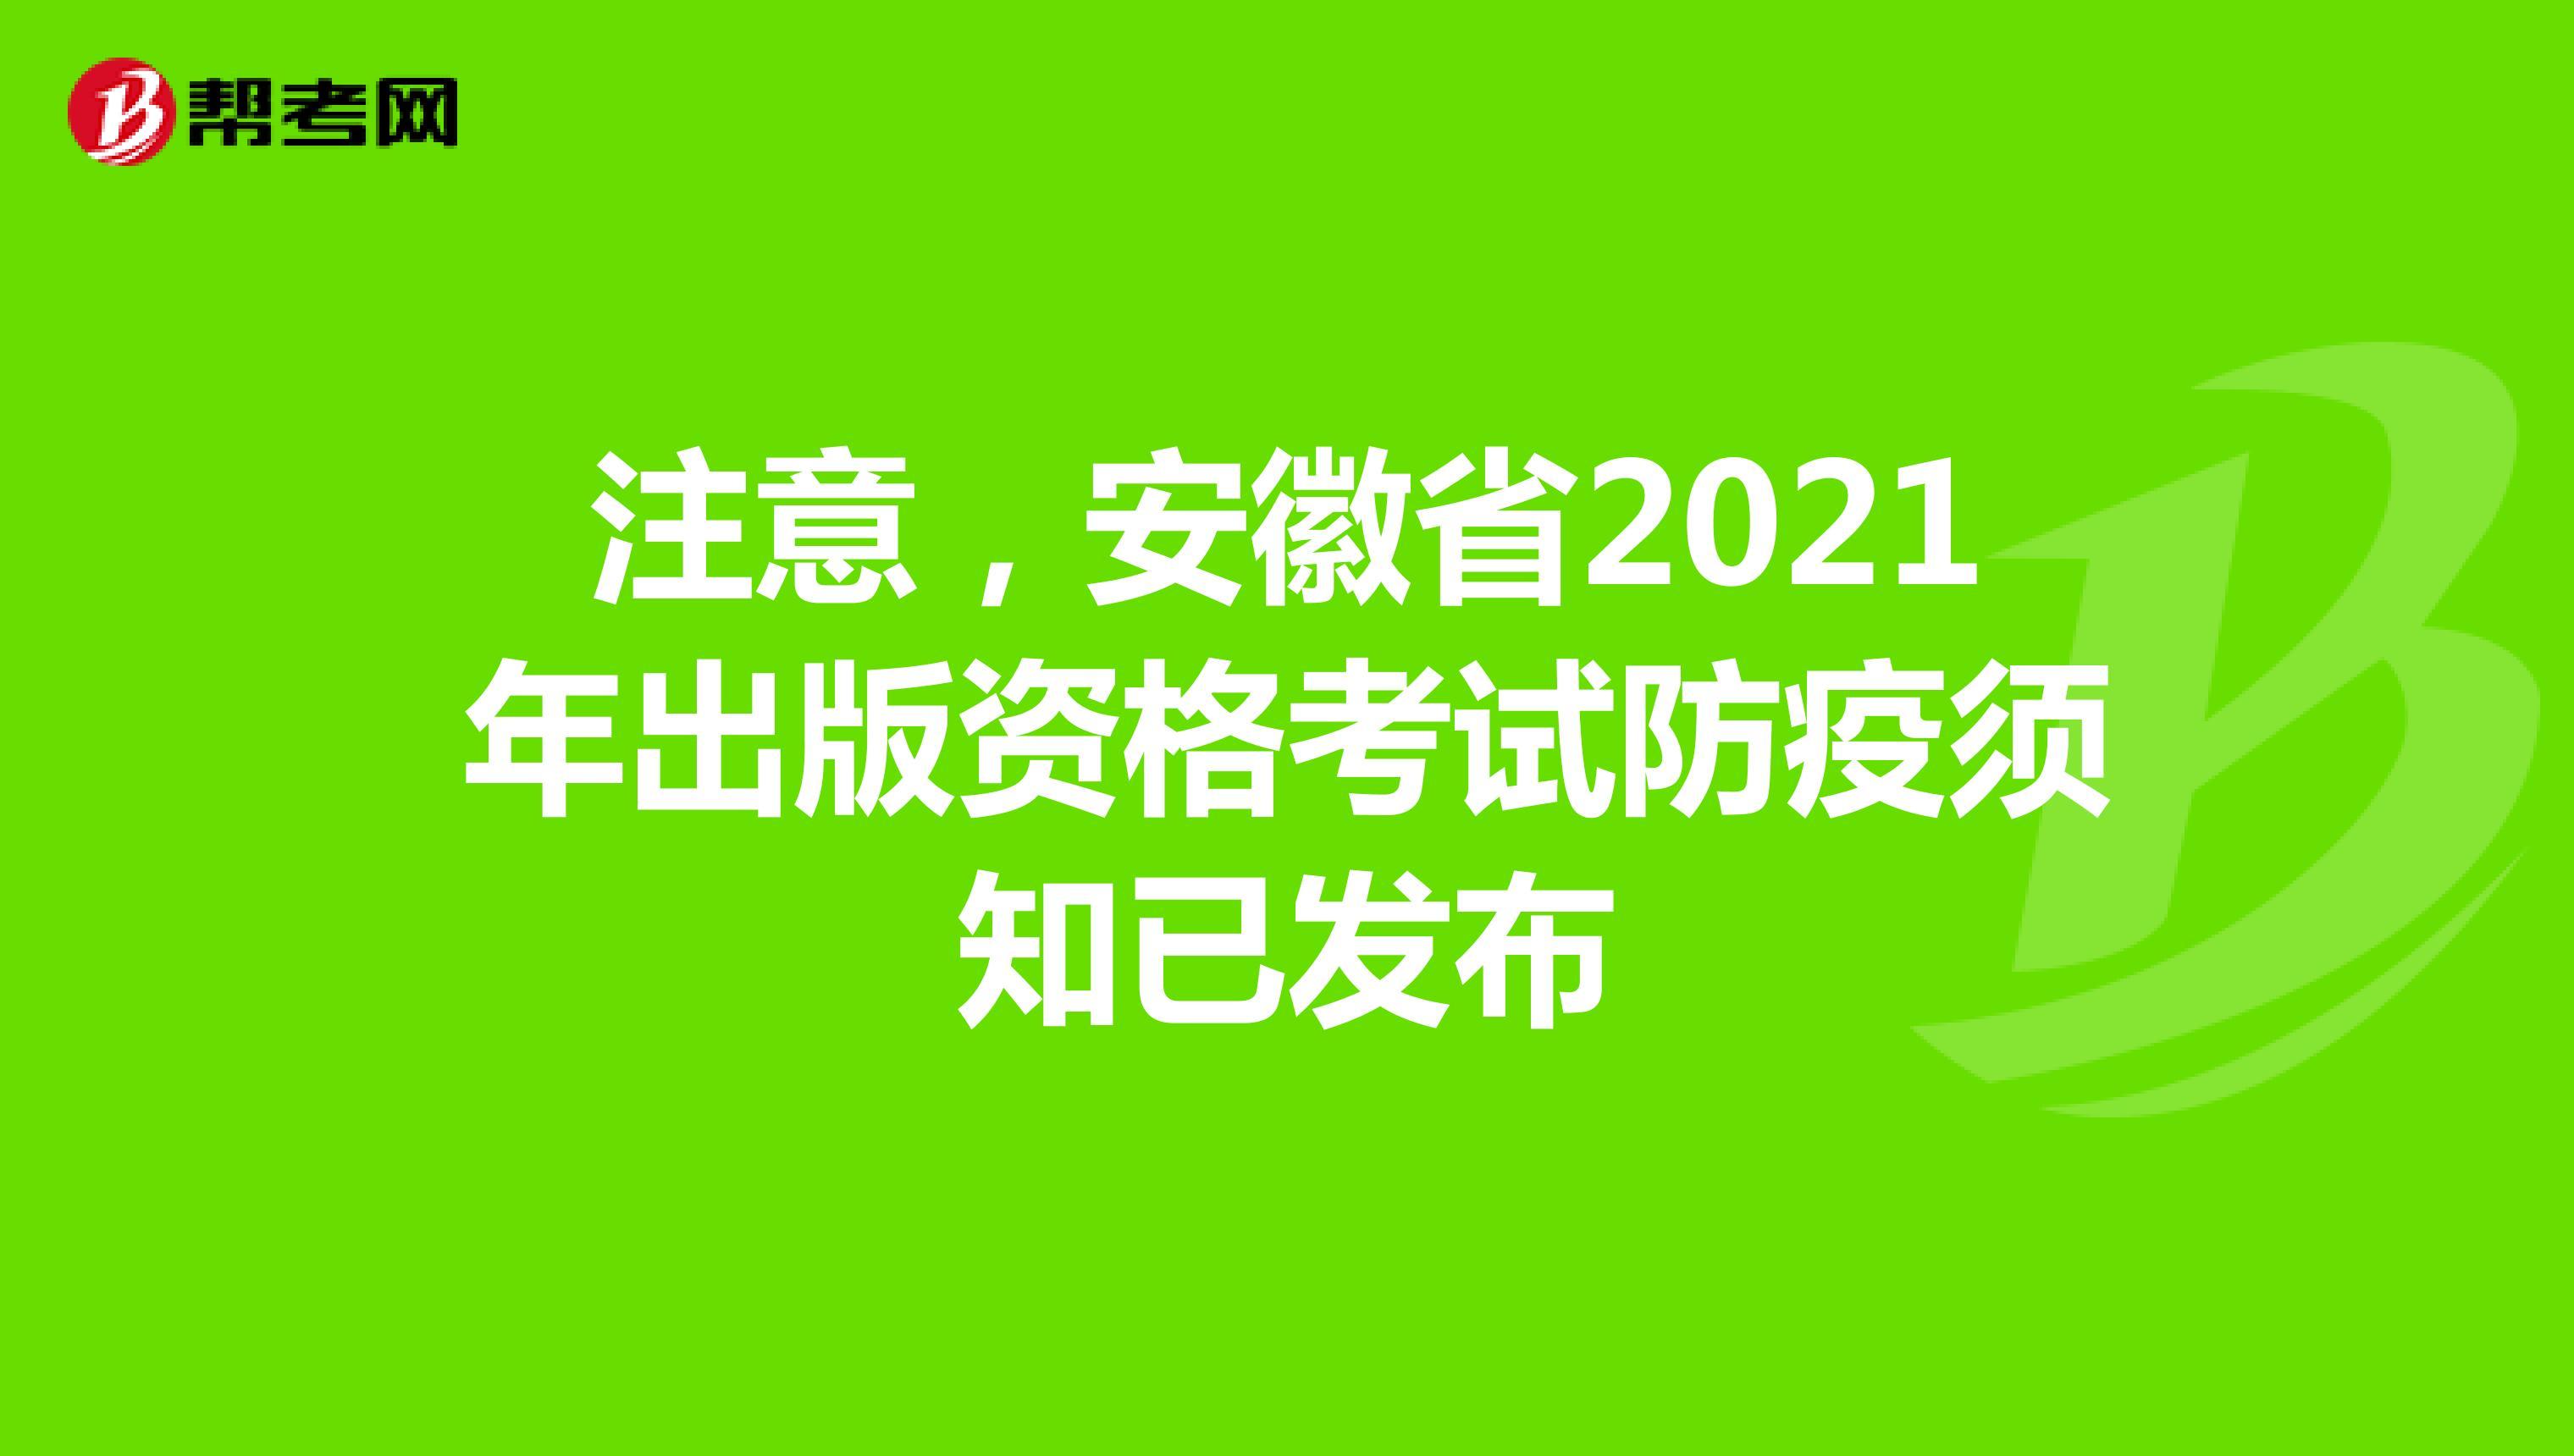 注意,安徽省2021年出版资格考试防疫须知已发布